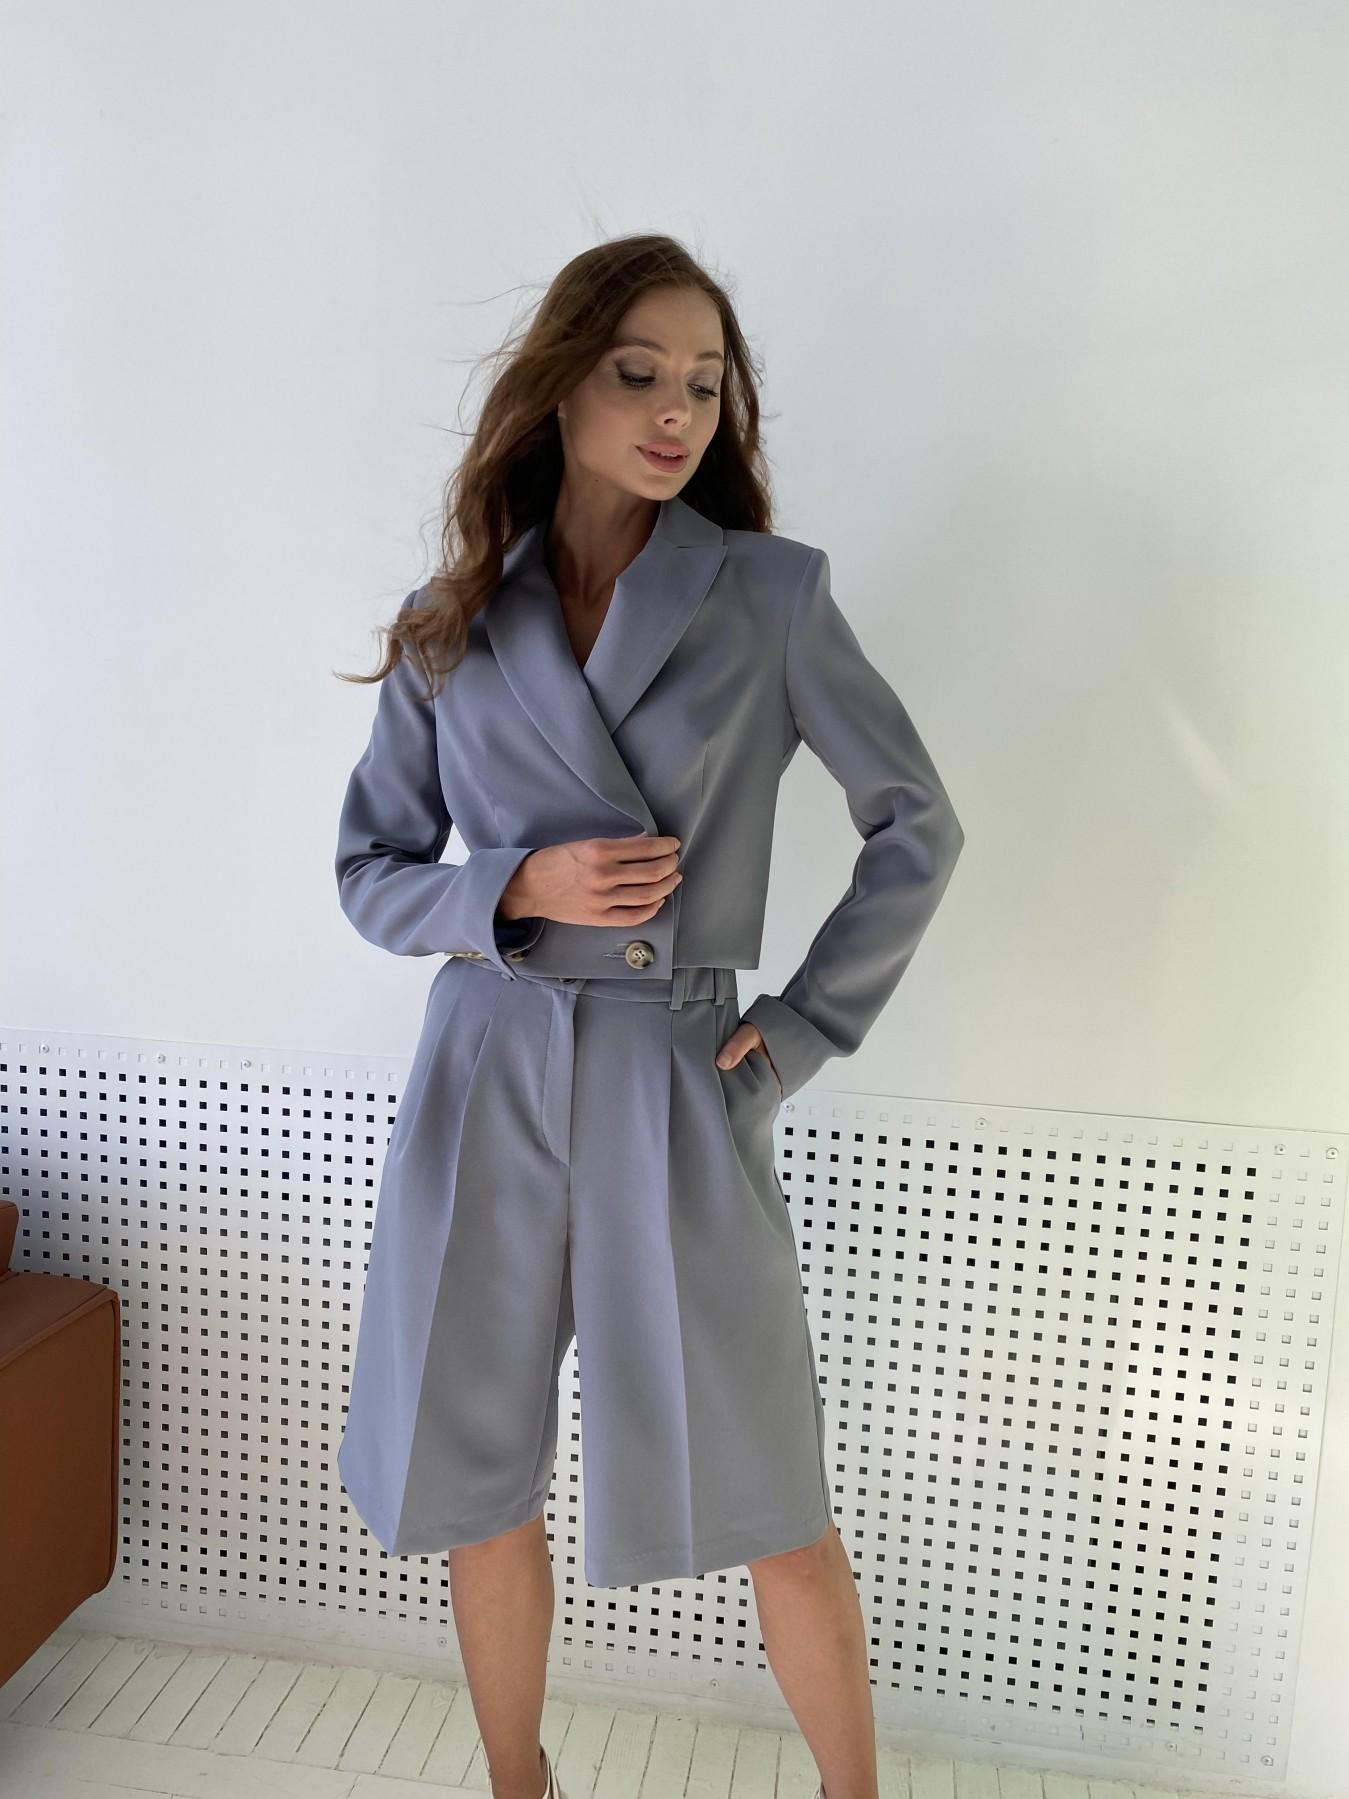 Оксфорд костюм из костюмной ткани стрейч 11548 АРТ. 48387 Цвет: Графит светлый - фото 8, интернет магазин tm-modus.ru